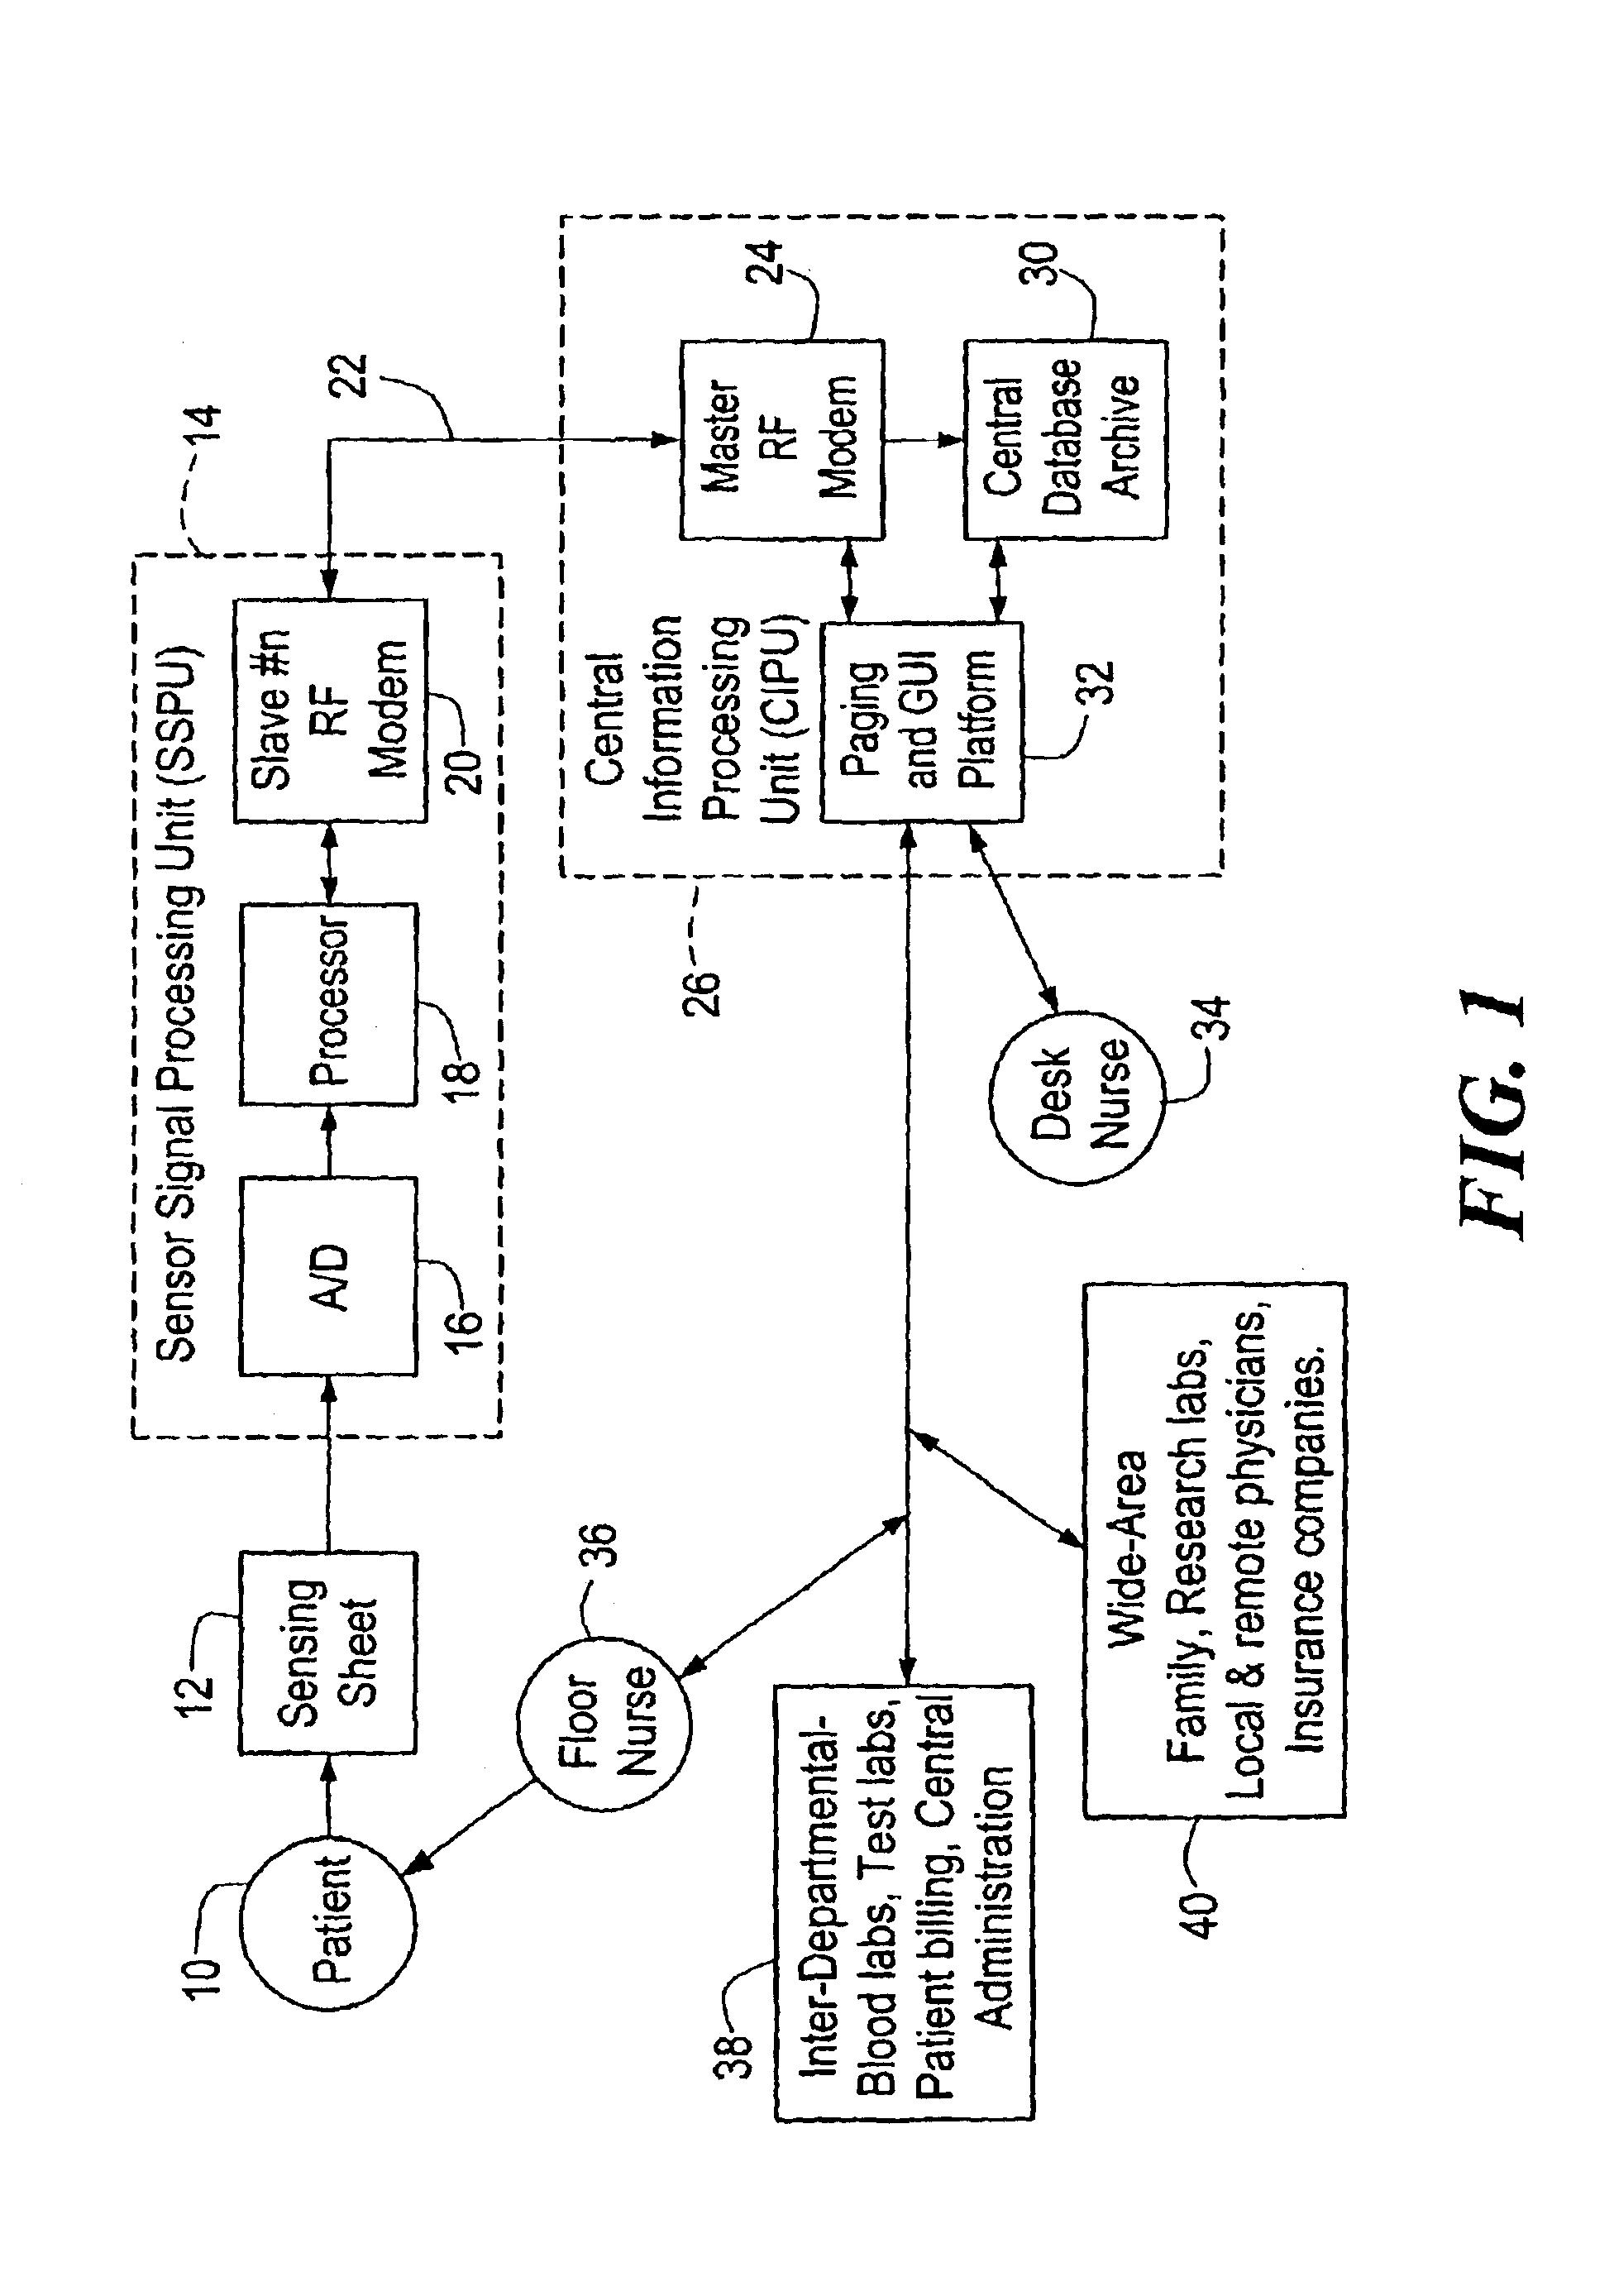 patent us6840117